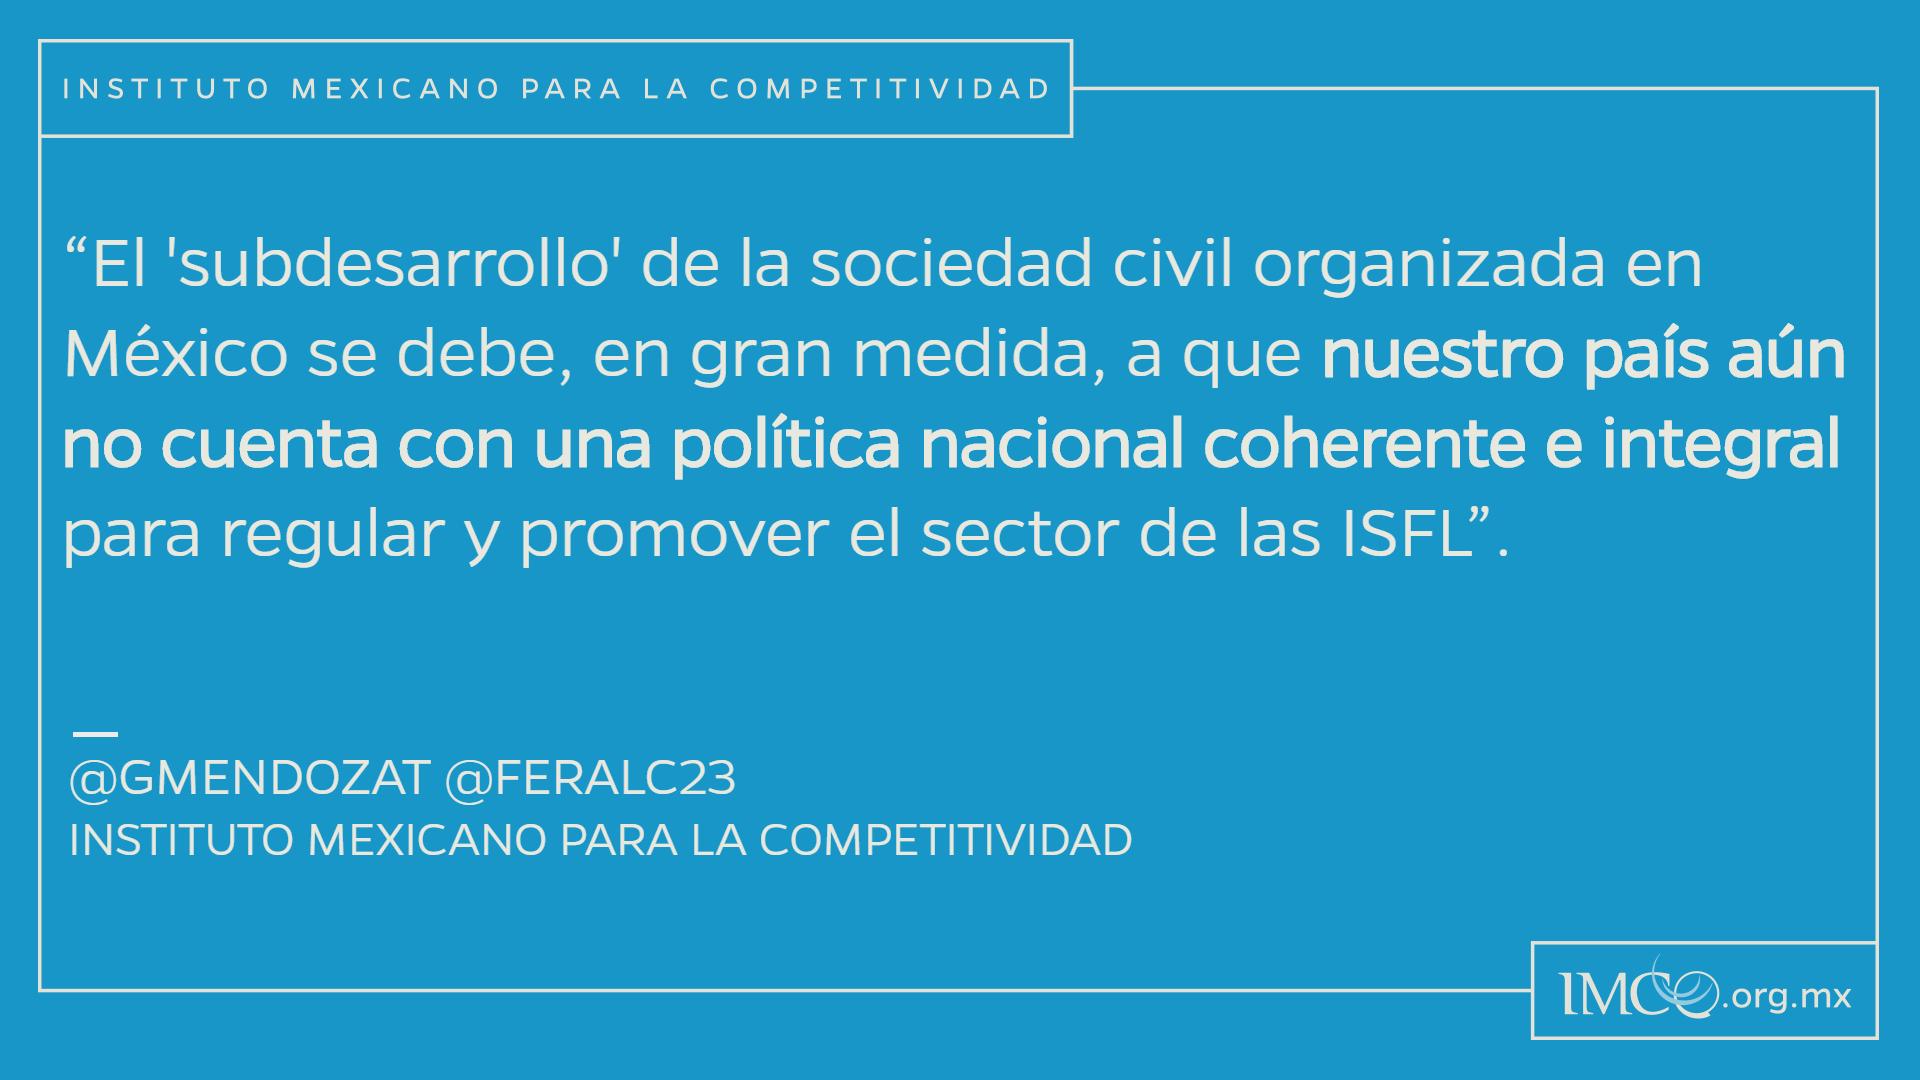 La sociedad civil organizada en México: hacia un nuevo